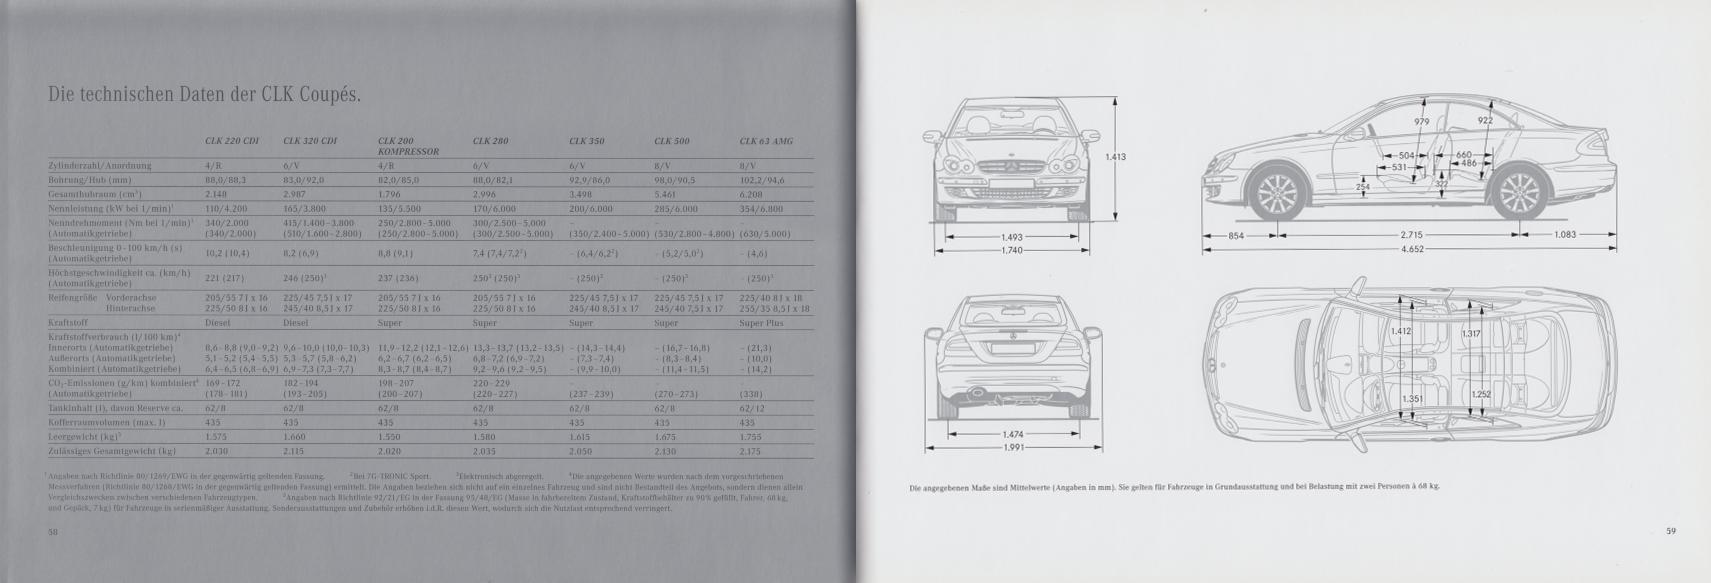 (A/C209): Catálogo 2007 - alemão 030